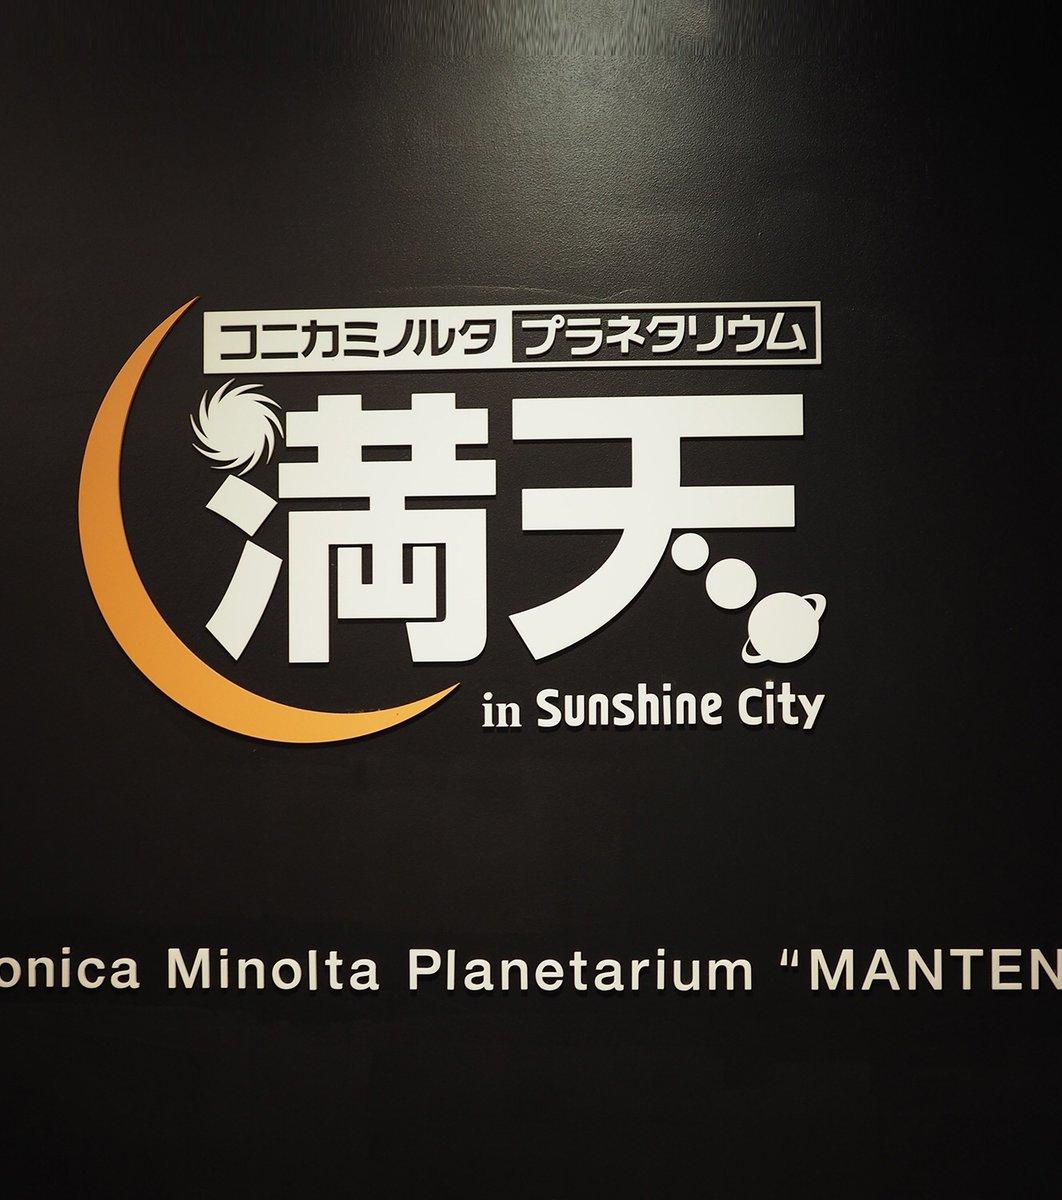 """コニカミノルタプラネタリウム""""満天"""" in Sunshine City"""